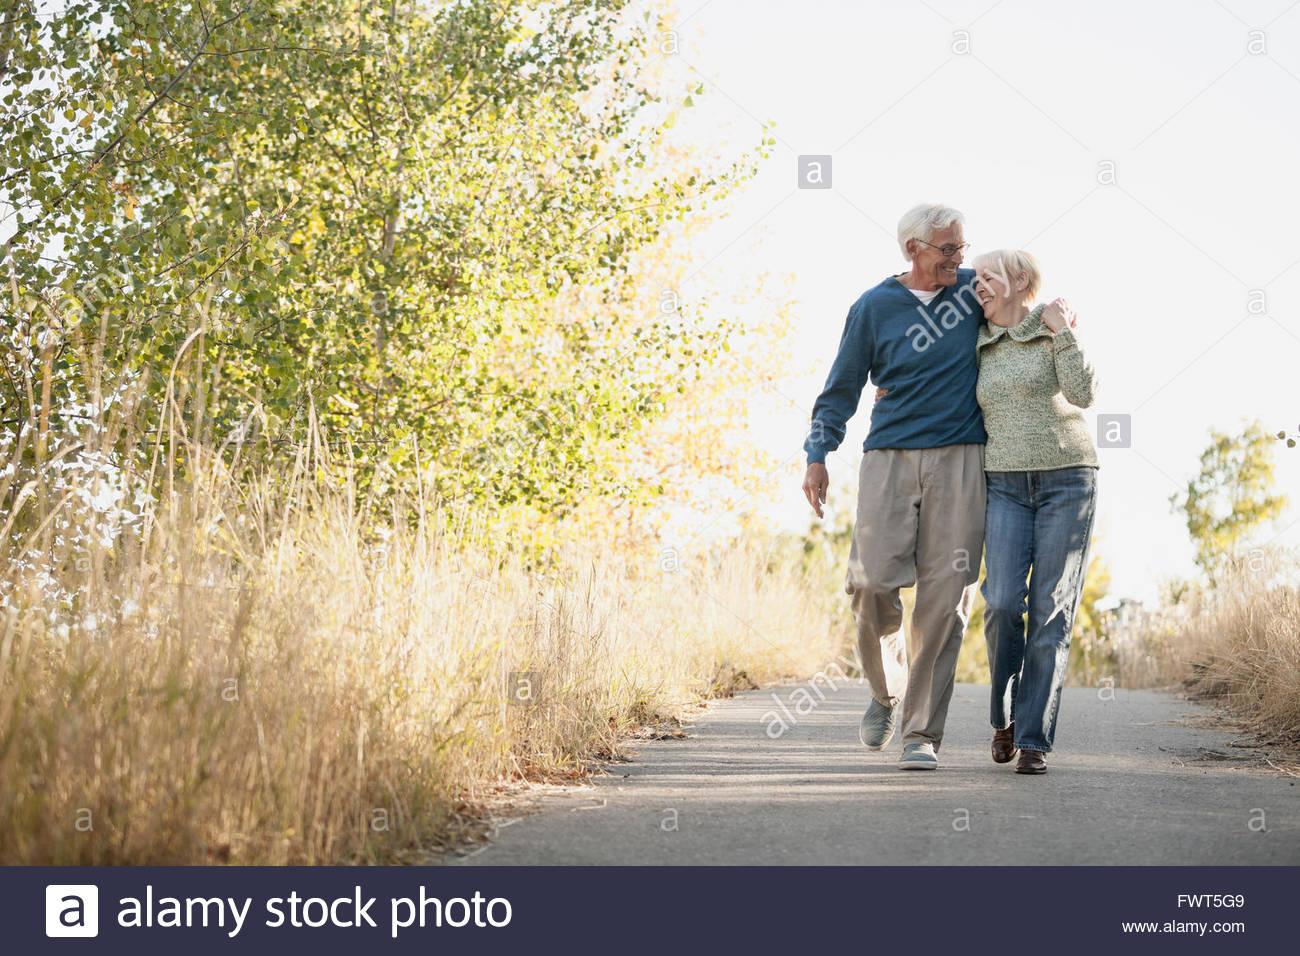 Feliz pareja senior caminando en el camino en el parque Imagen De Stock